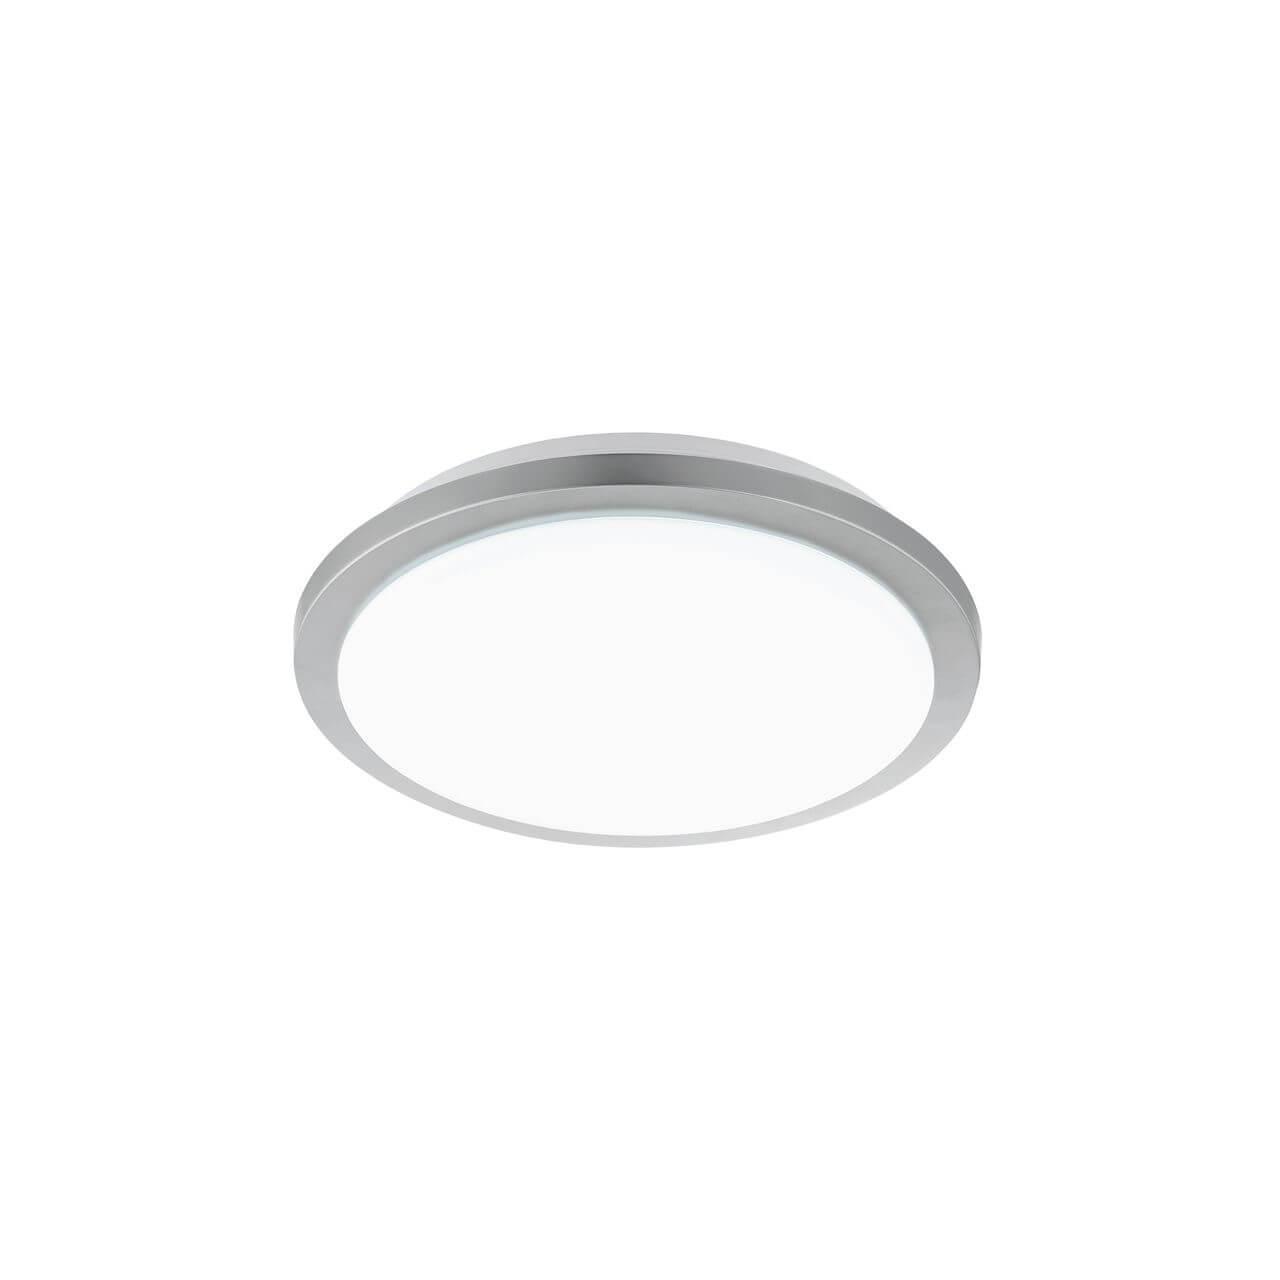 Настенно-потолочный светильник Eglo 97324, LED, 16 Вт цены